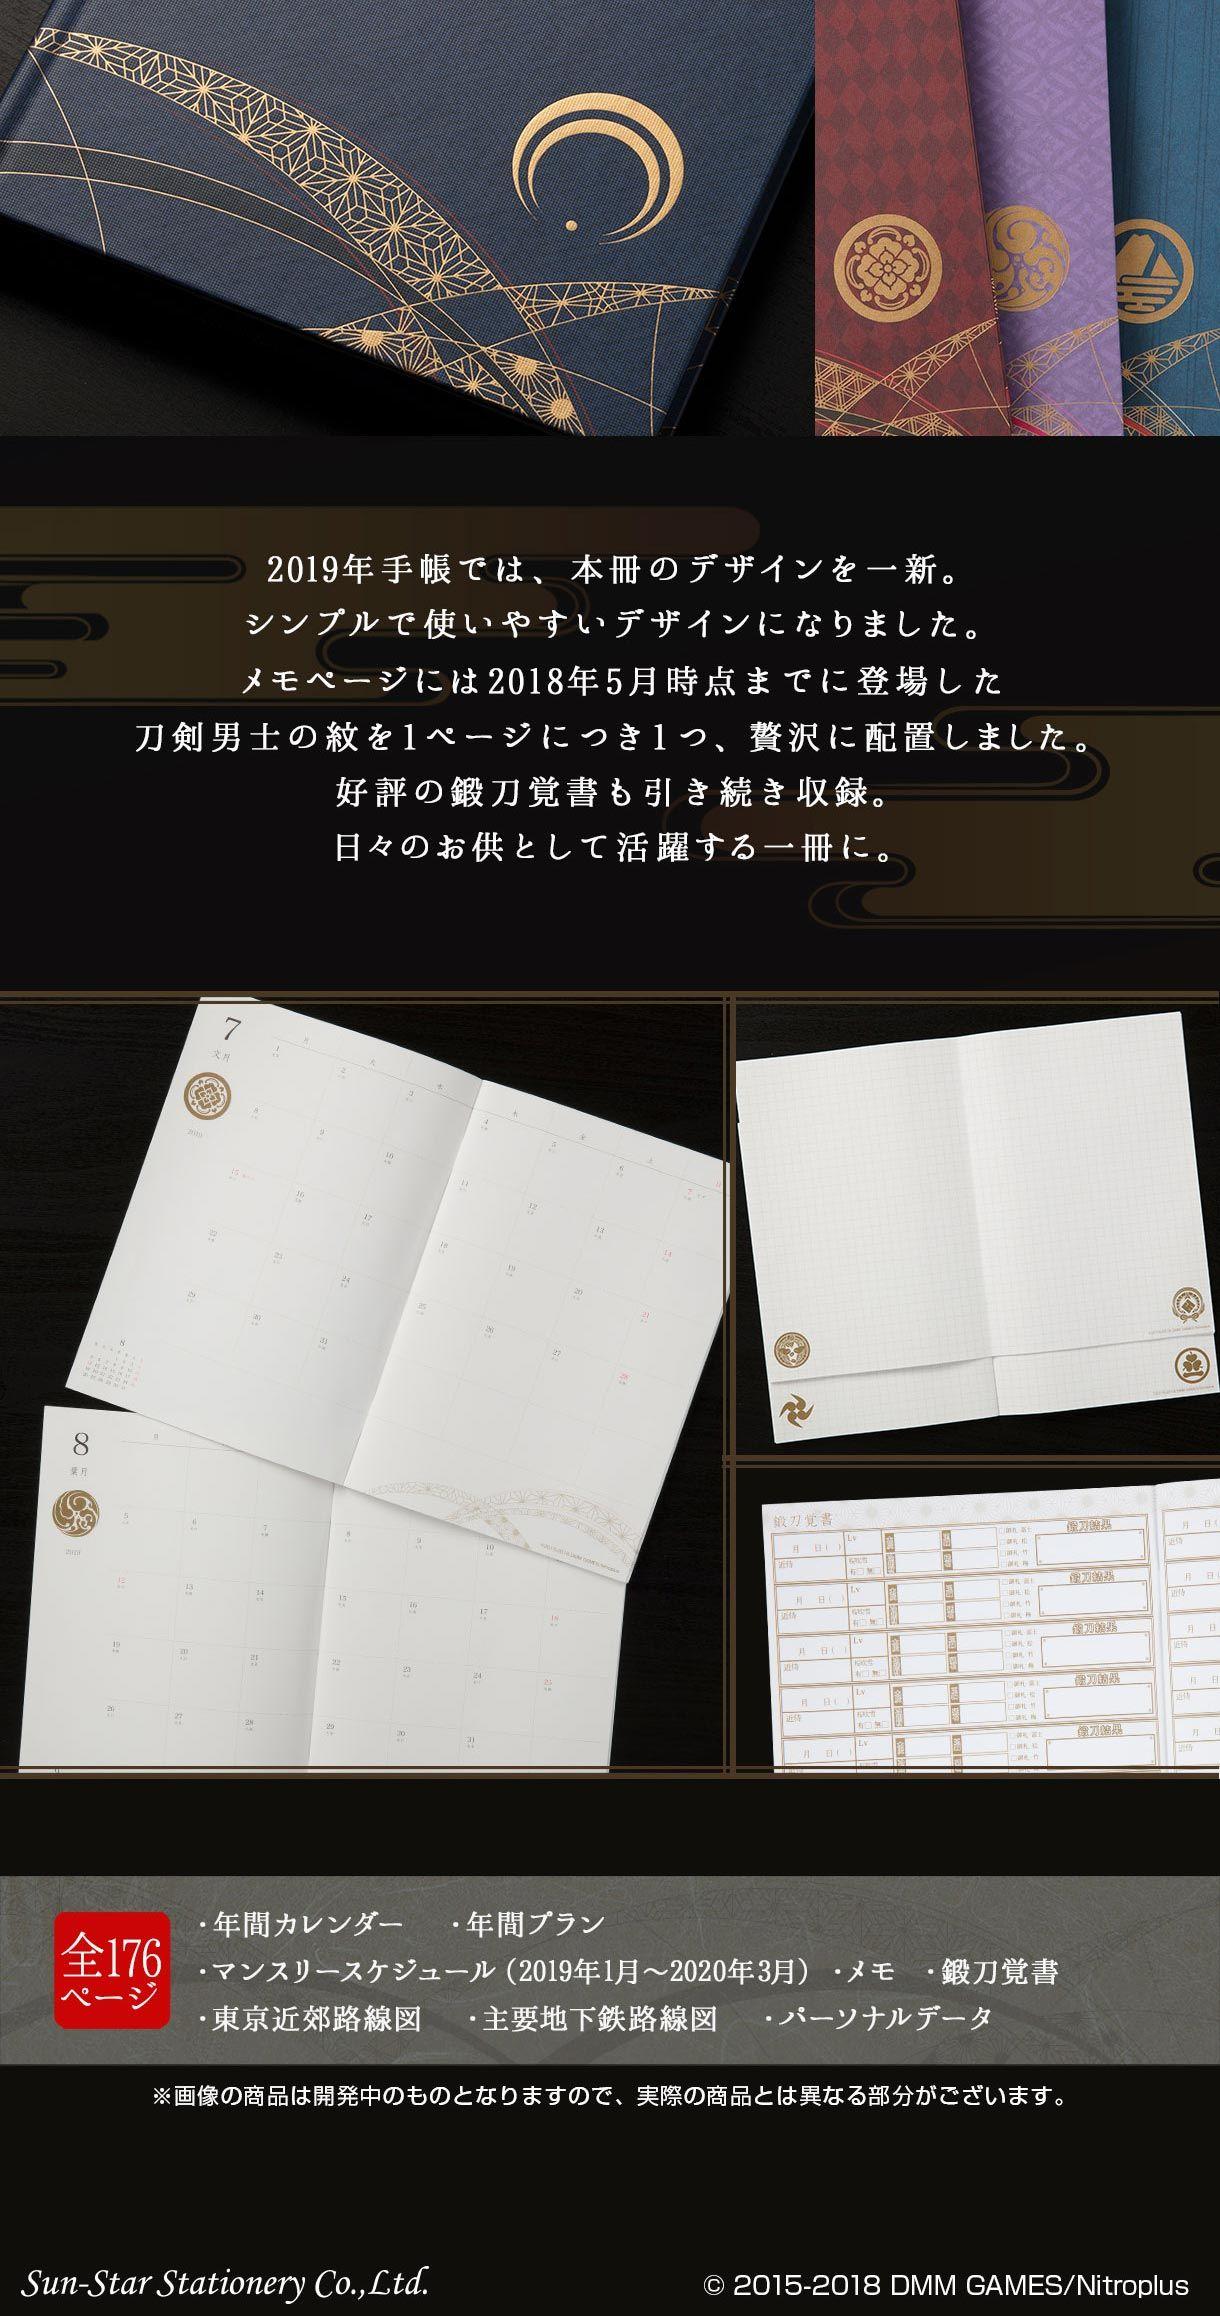 2019年手帳では、本冊のデザインを一新。